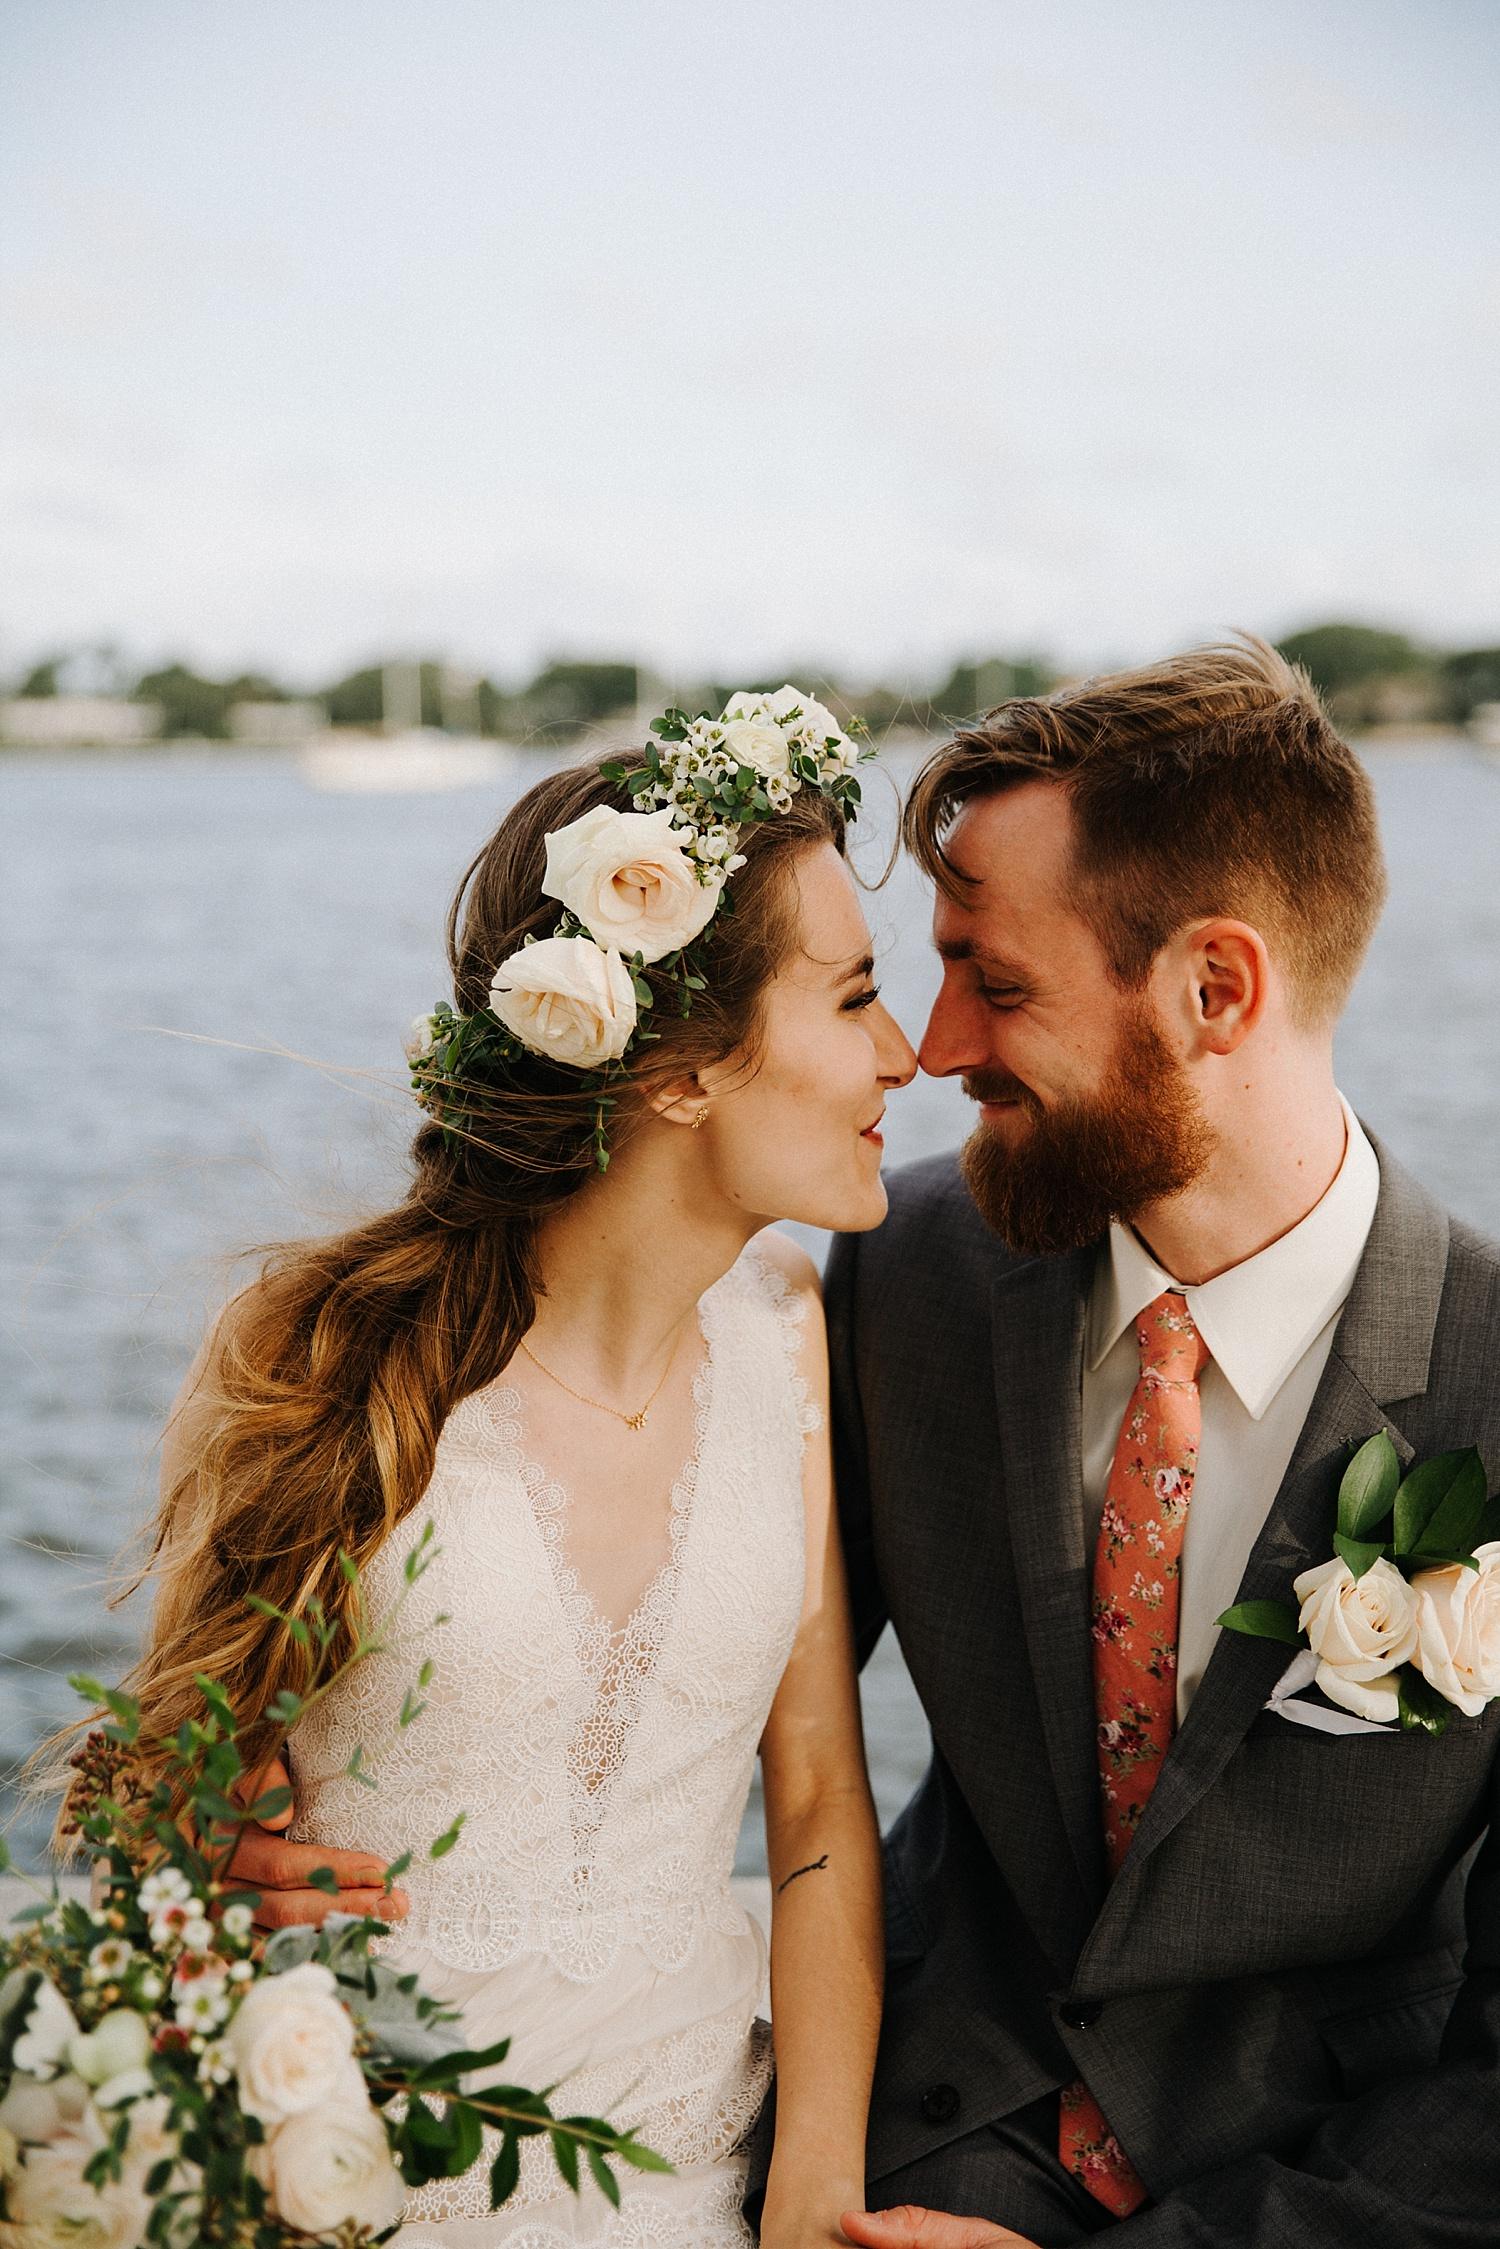 Peter + Kareena Rineer Downtown West Palm Beach December Wedding 2018_0035.jpg